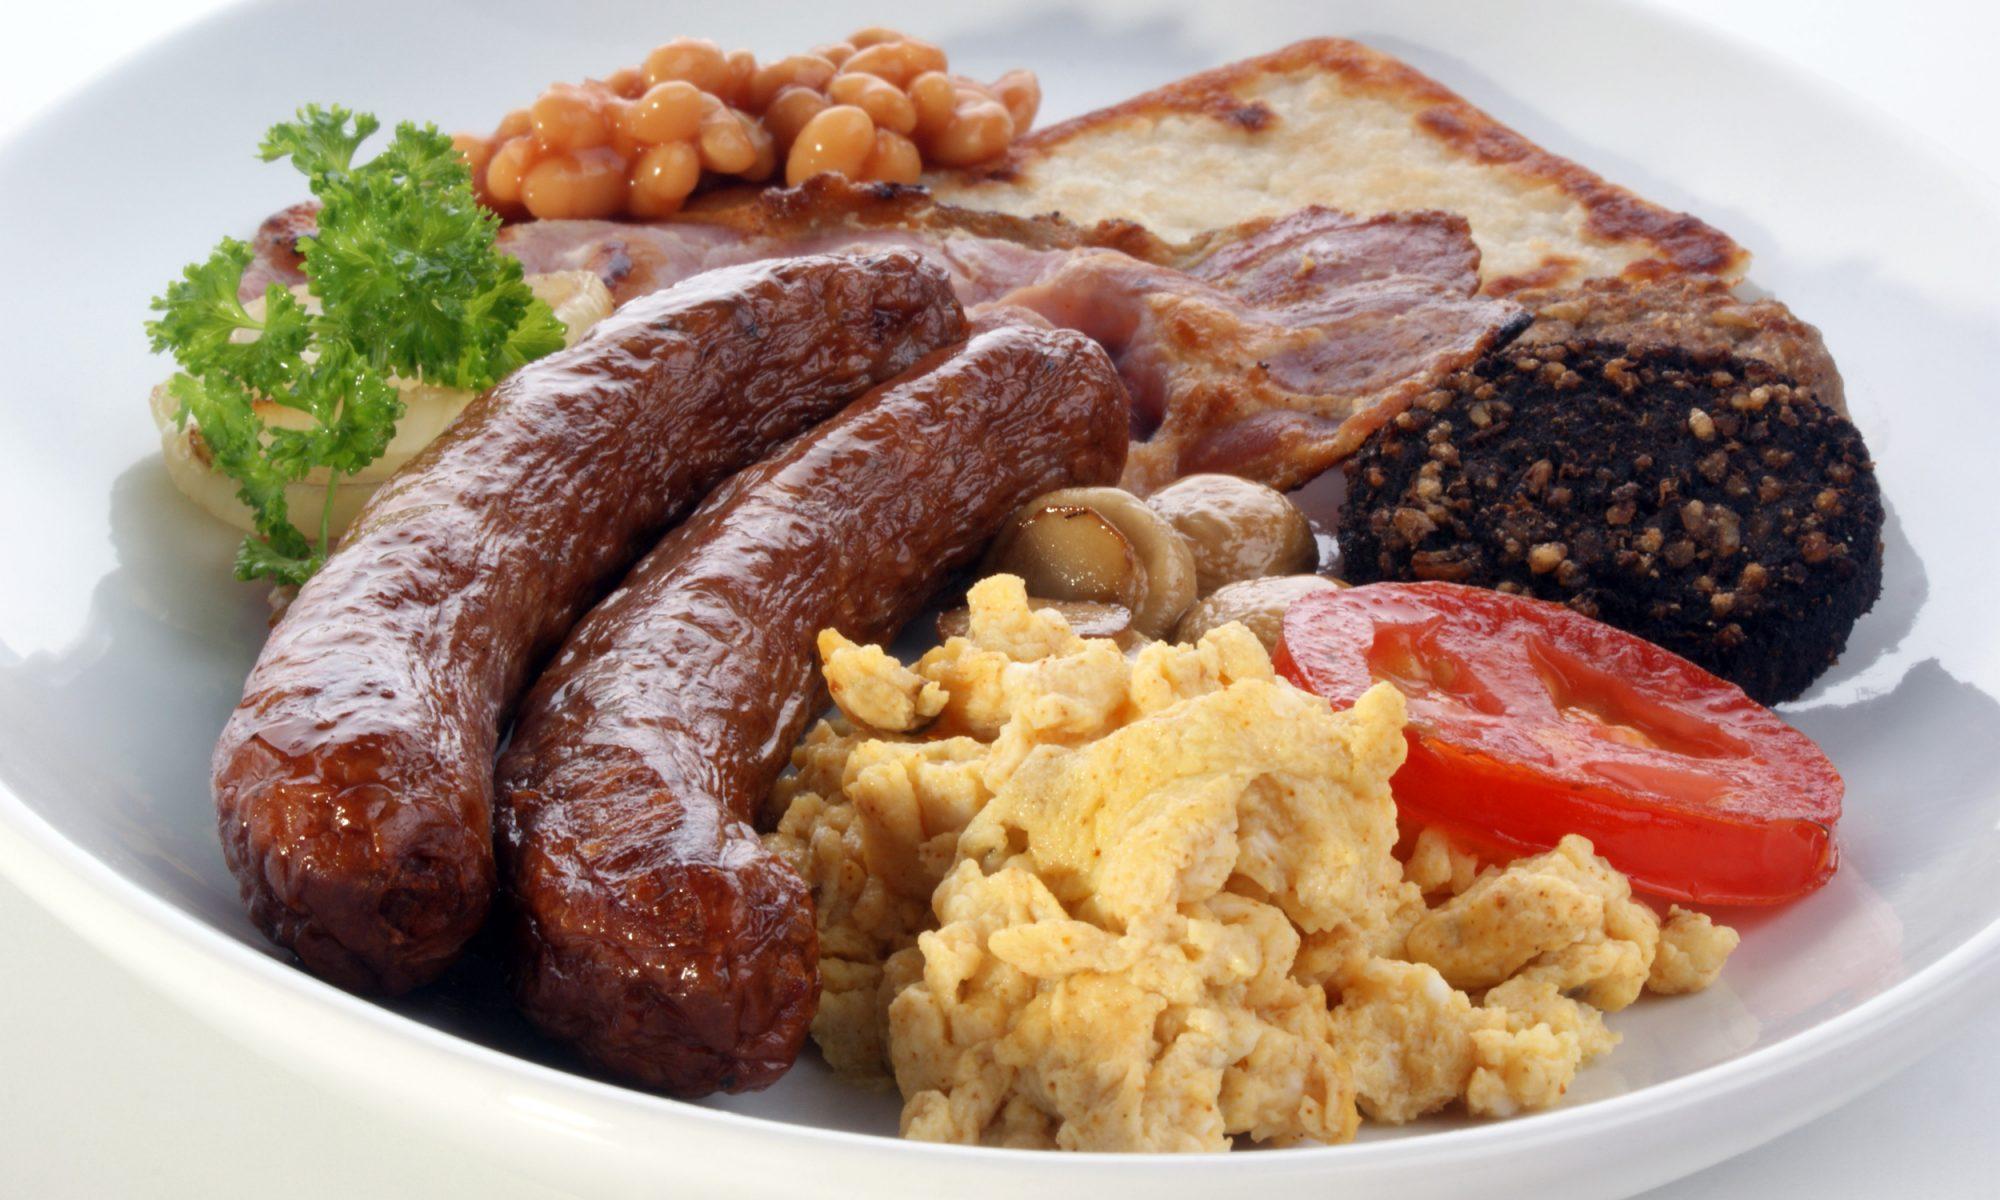 EC: The Taxonomy of a Full Irish Breakfast